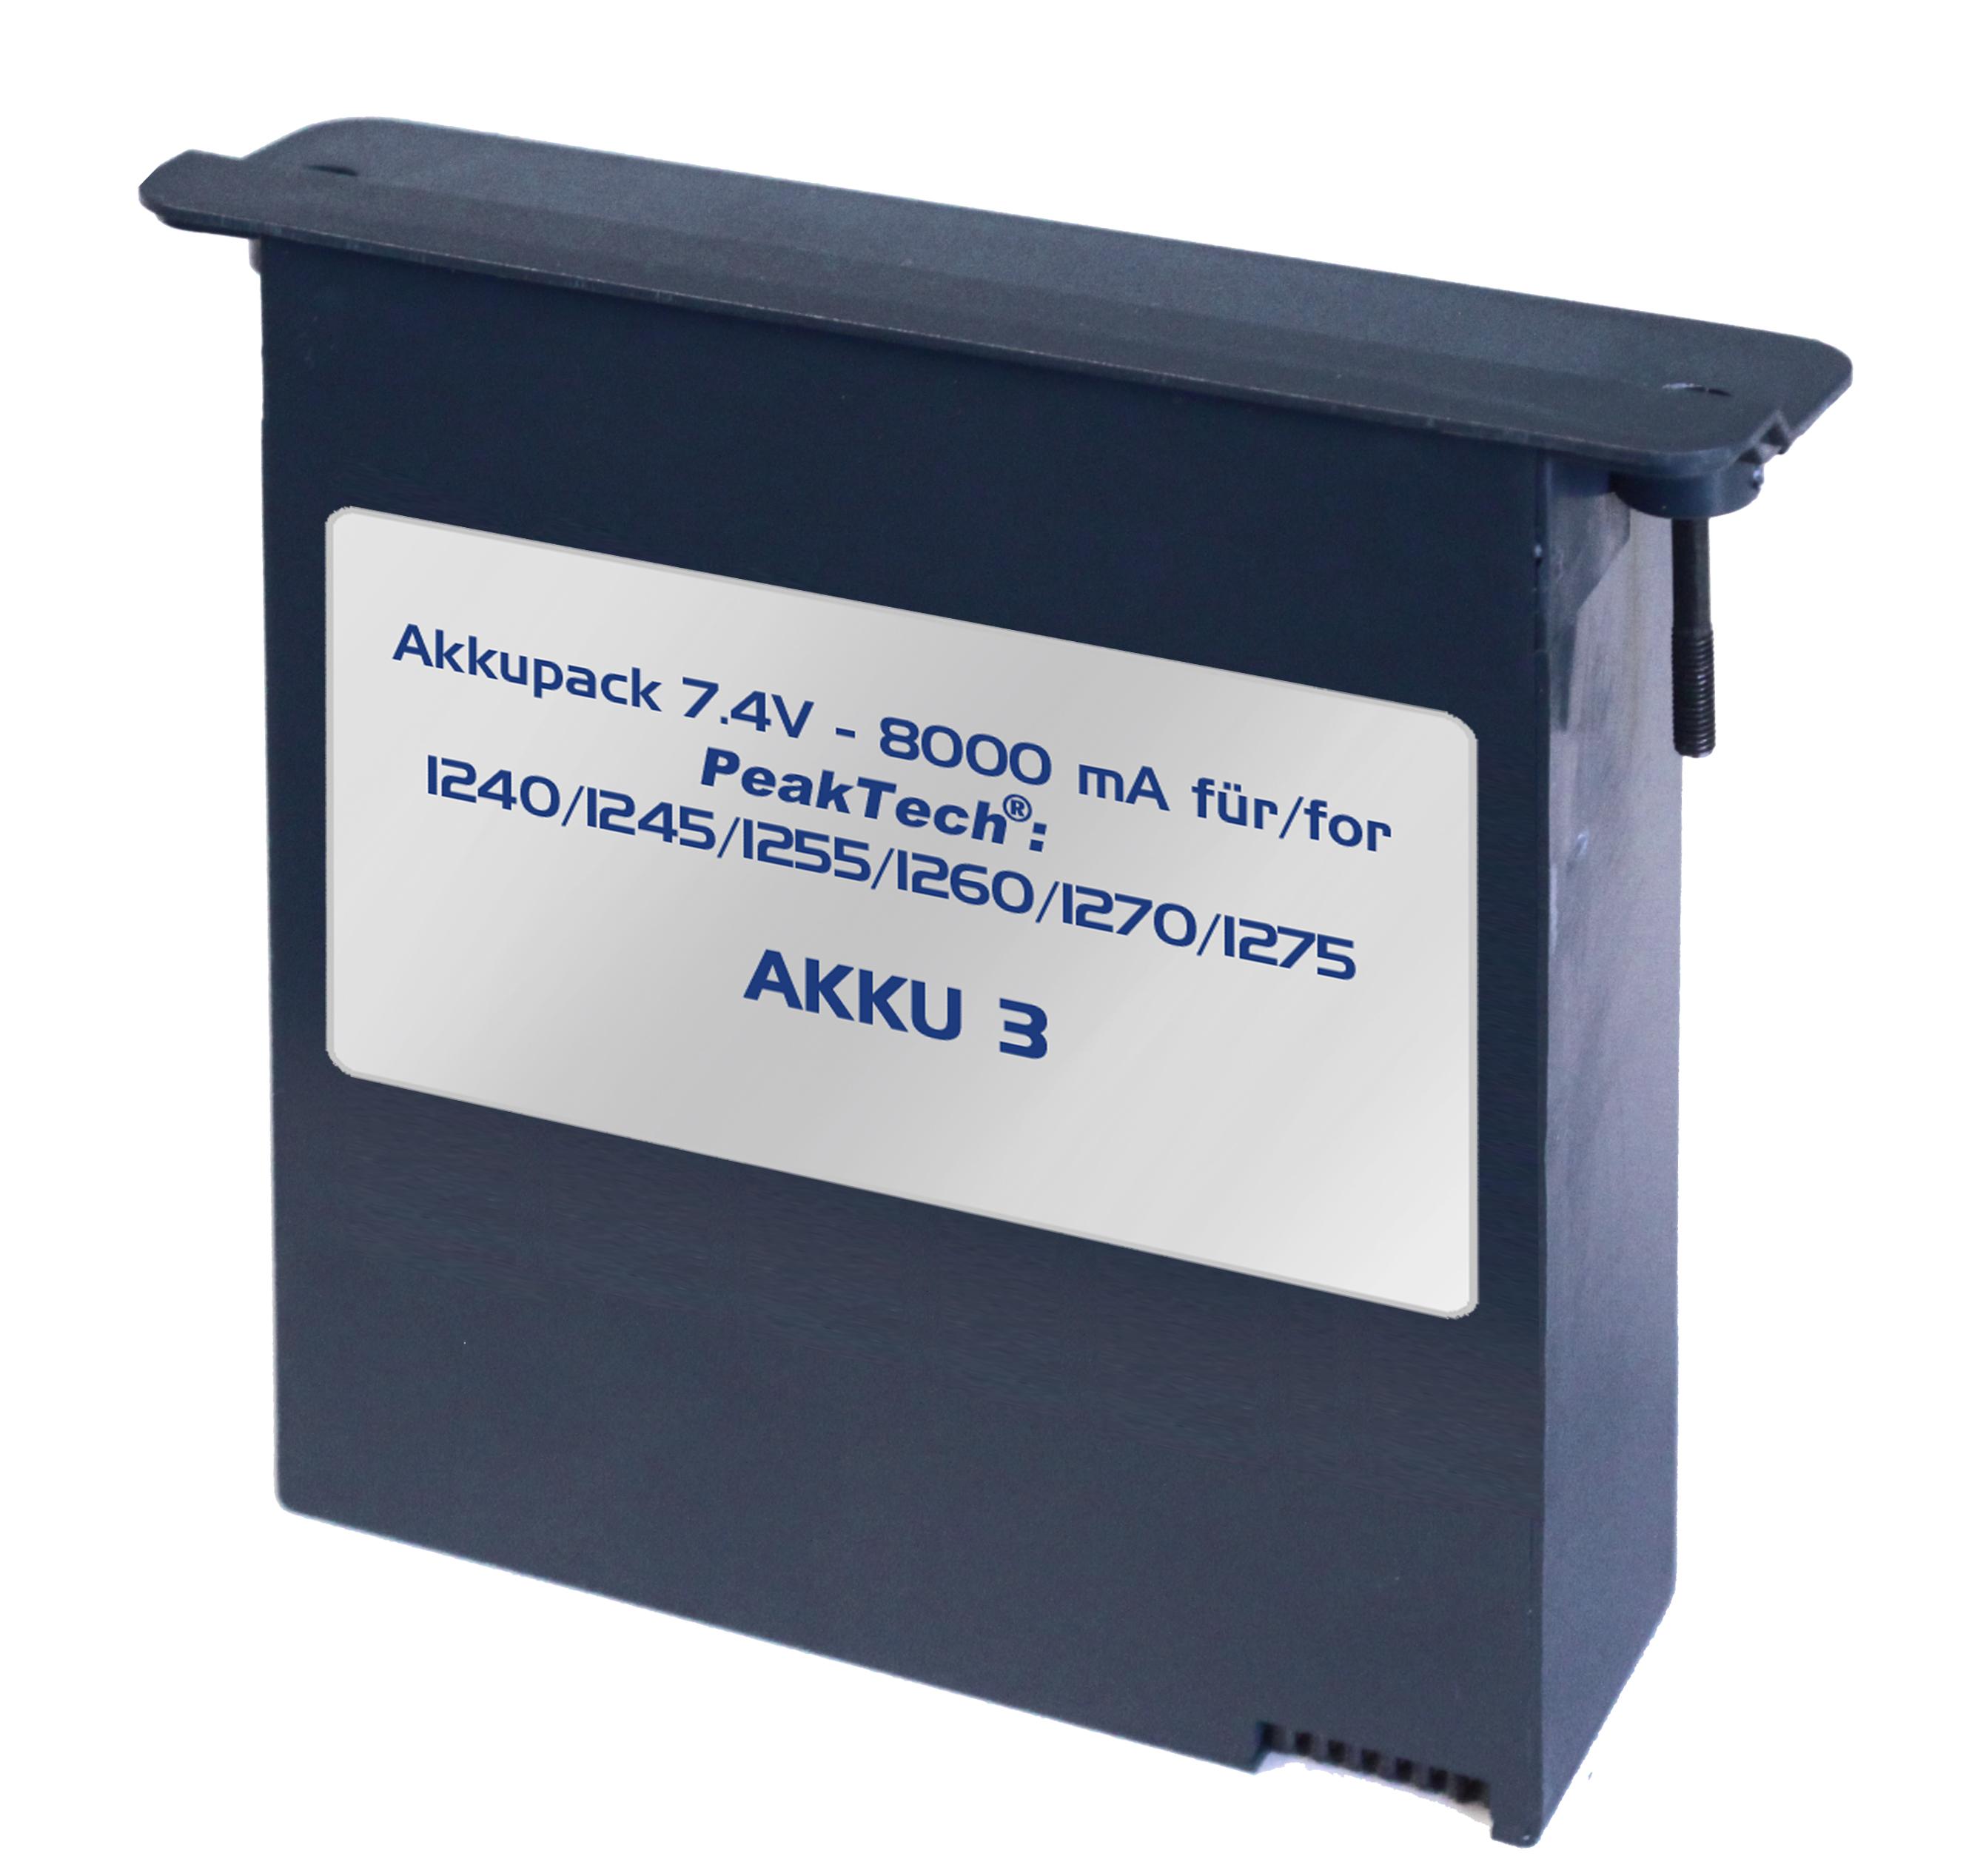 «PeakTech® AKKU 3» Li-Po Akku 7,4 V - 8000 mA/h für PeakTech 1240/1245/1255/1260/1270/1275